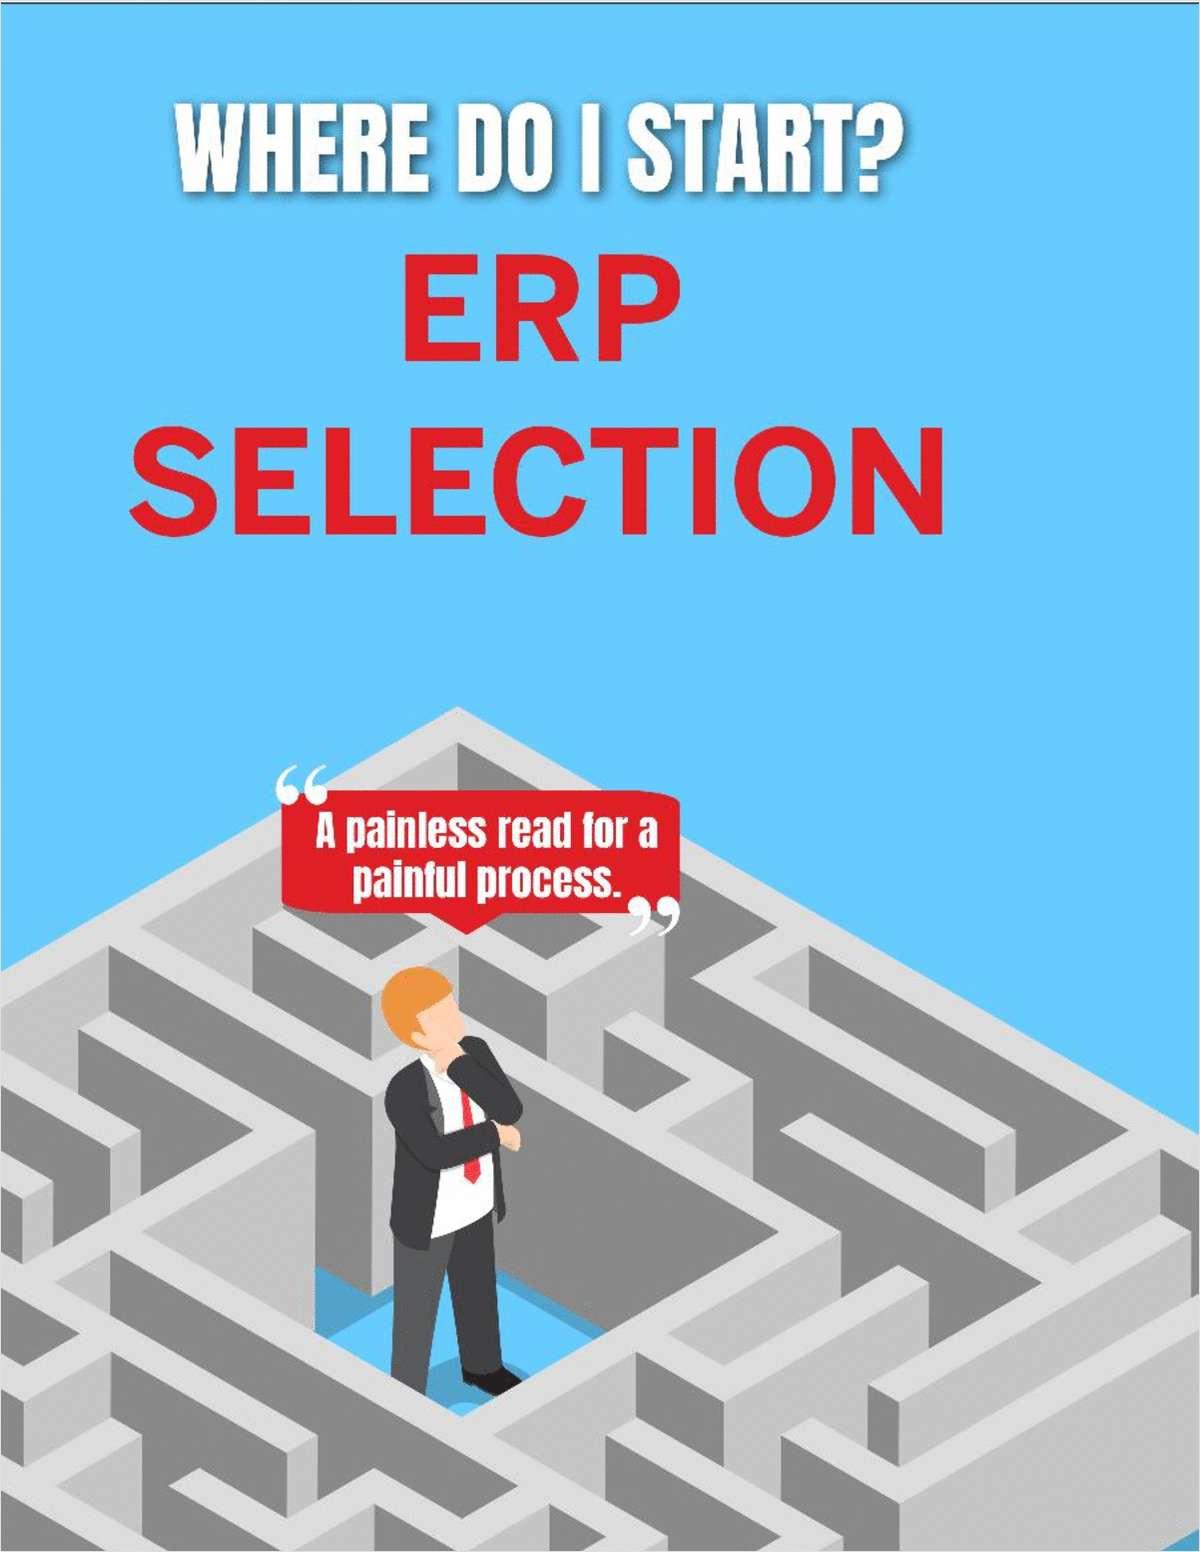 ERP Selection - Where Do I Start?